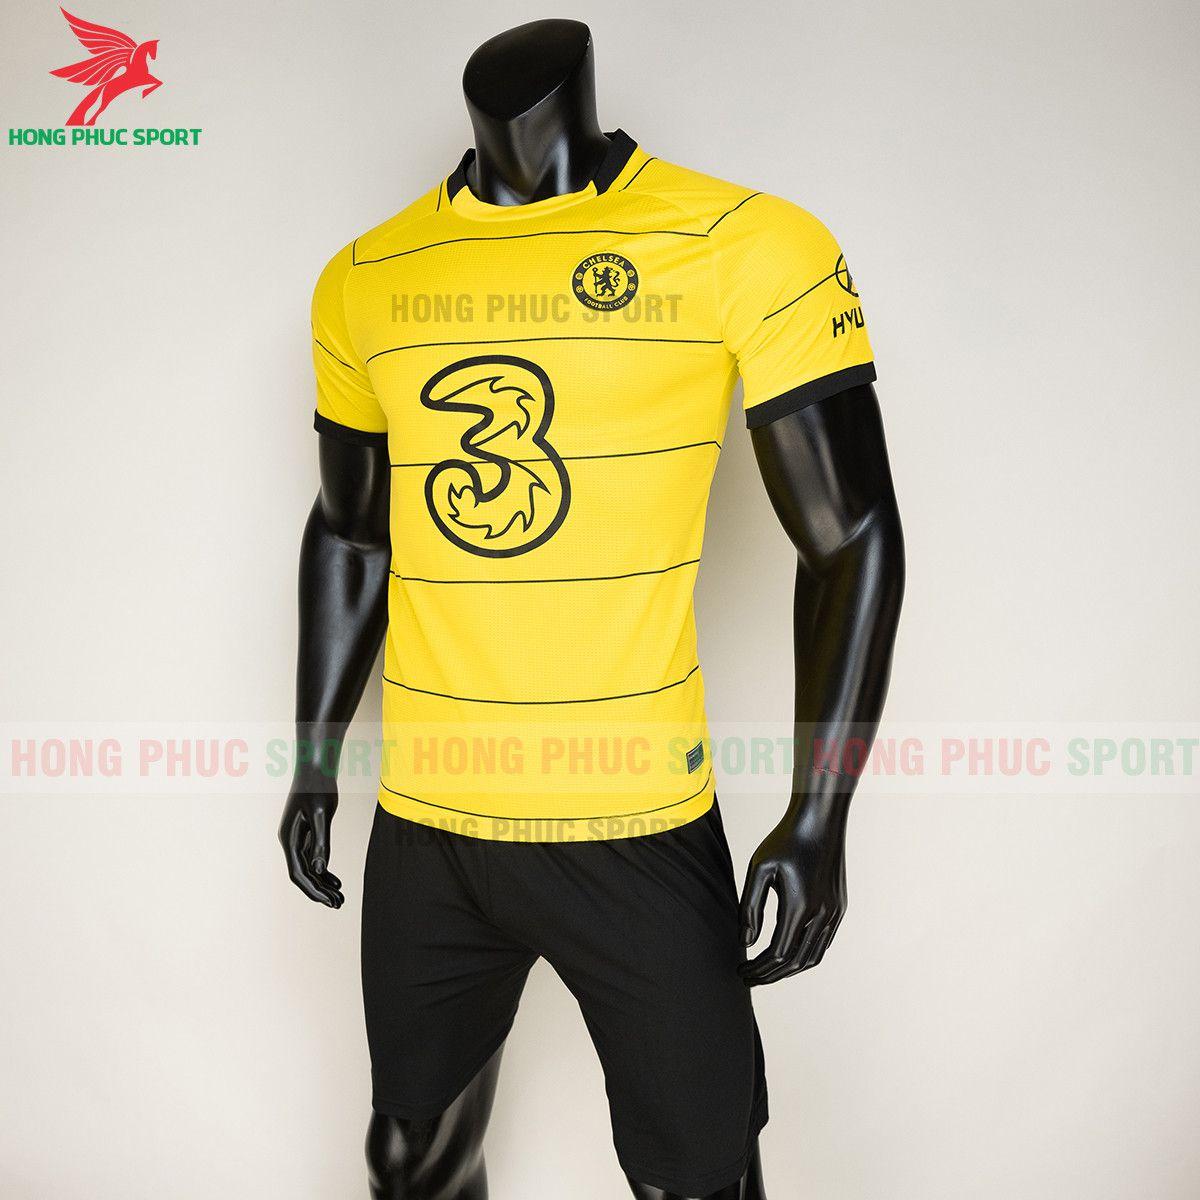 https://cdn.hongphucsport.com/unsafe/s4.shopbay.vn/files/285/ao-bong-da-chelsea-2021-22-san-khach-thailand-4-6155960d0884f.jpg